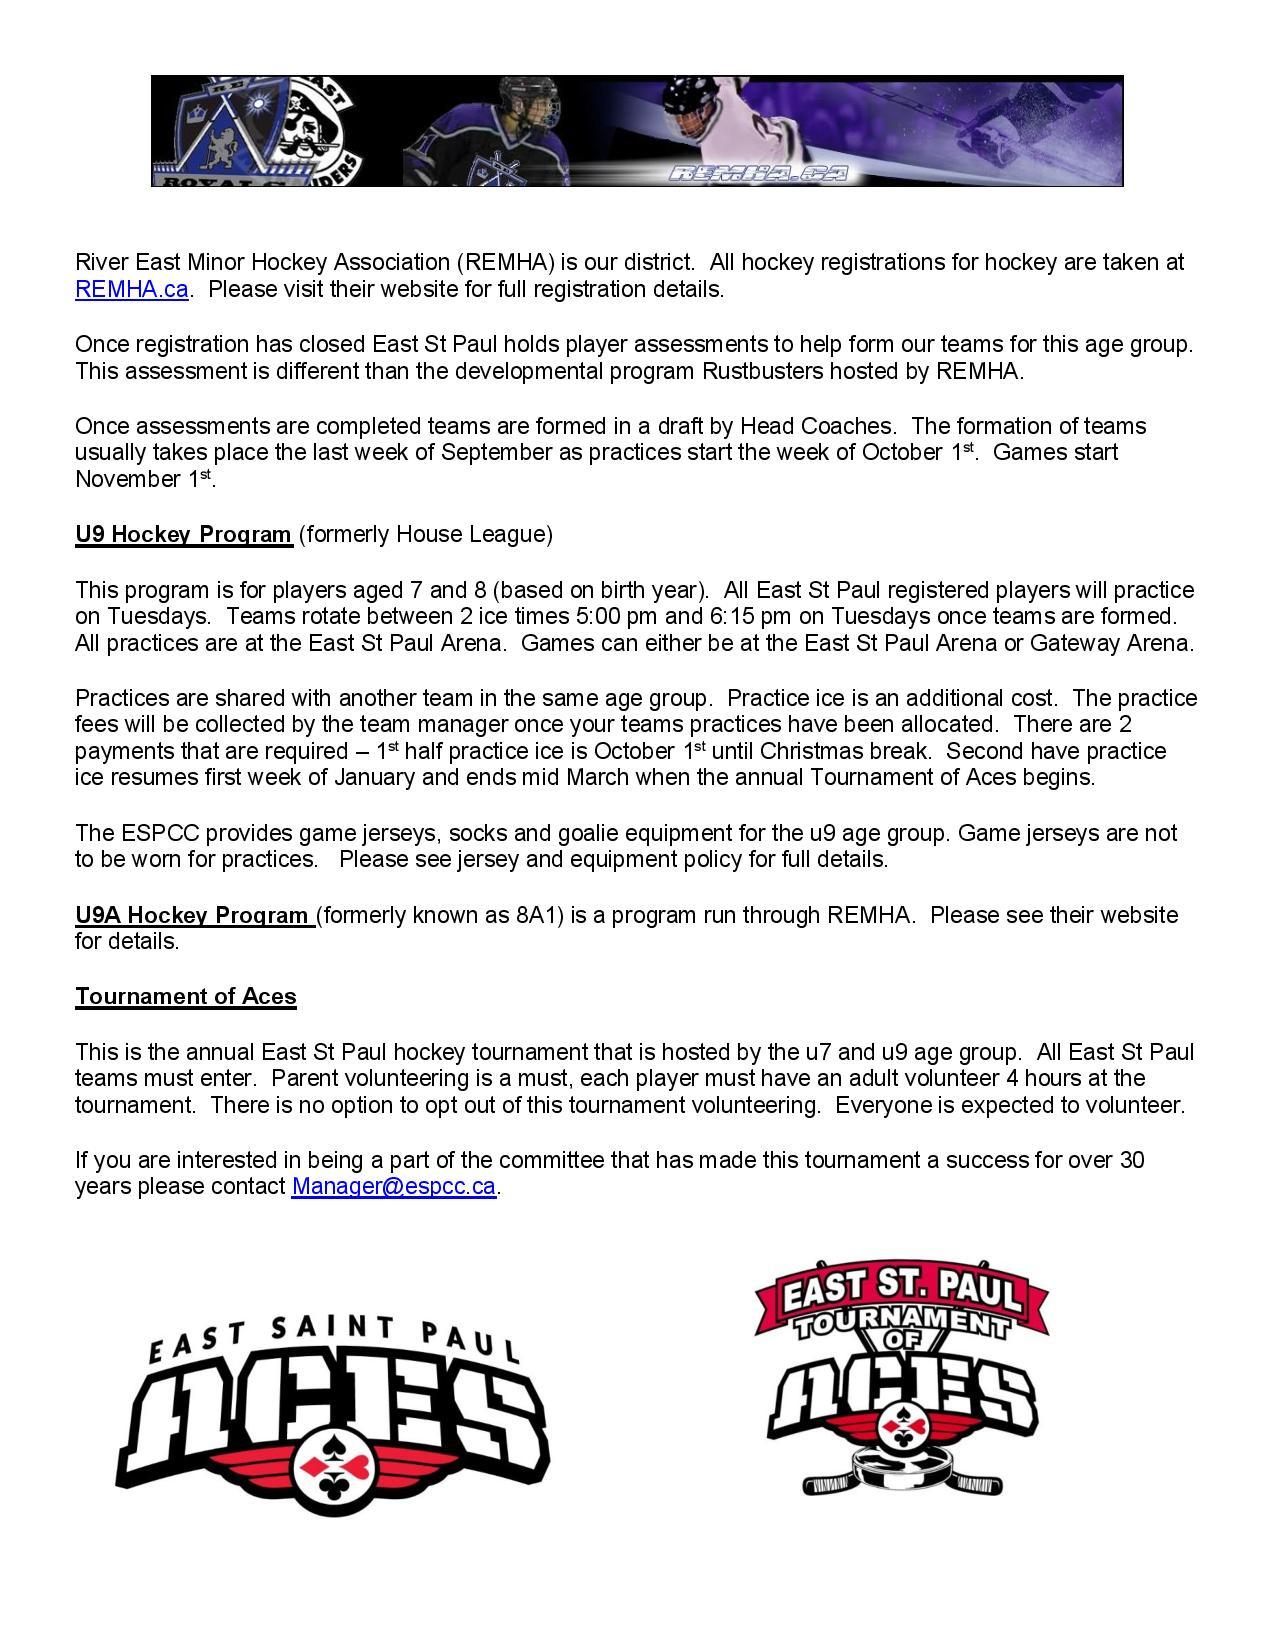 u9 Hockey Program Information